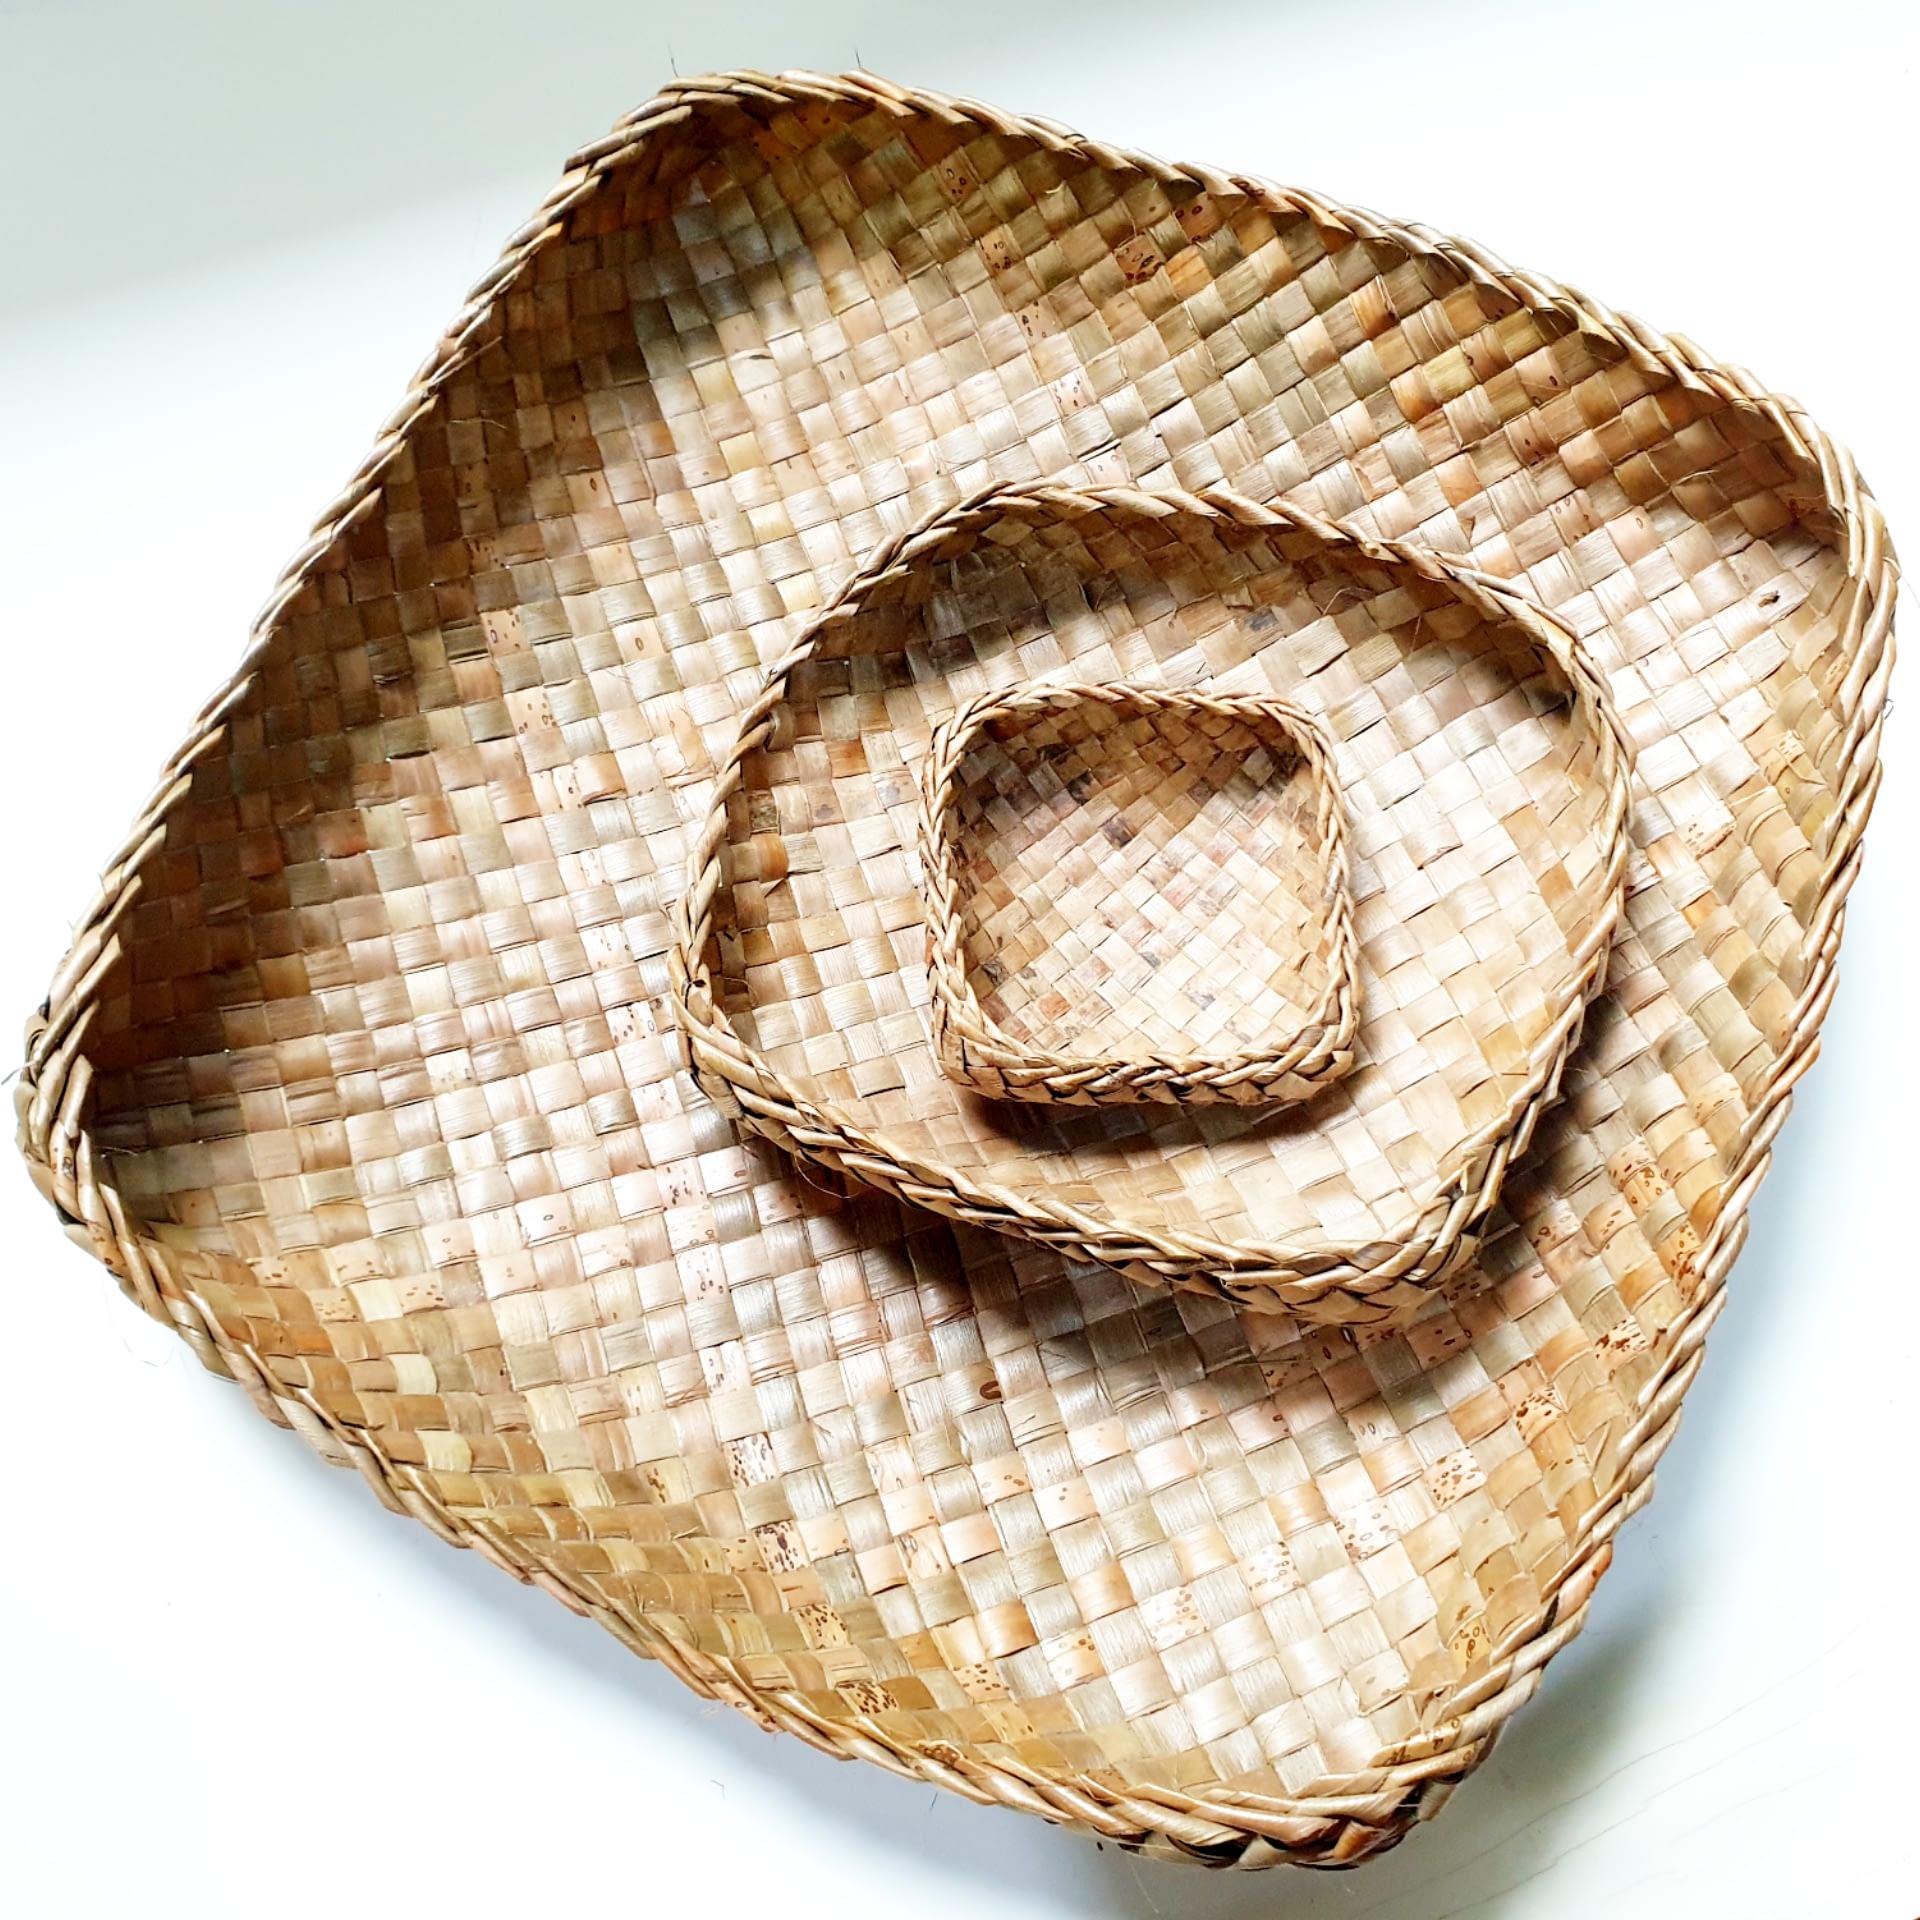 Coconut Leaf Basket